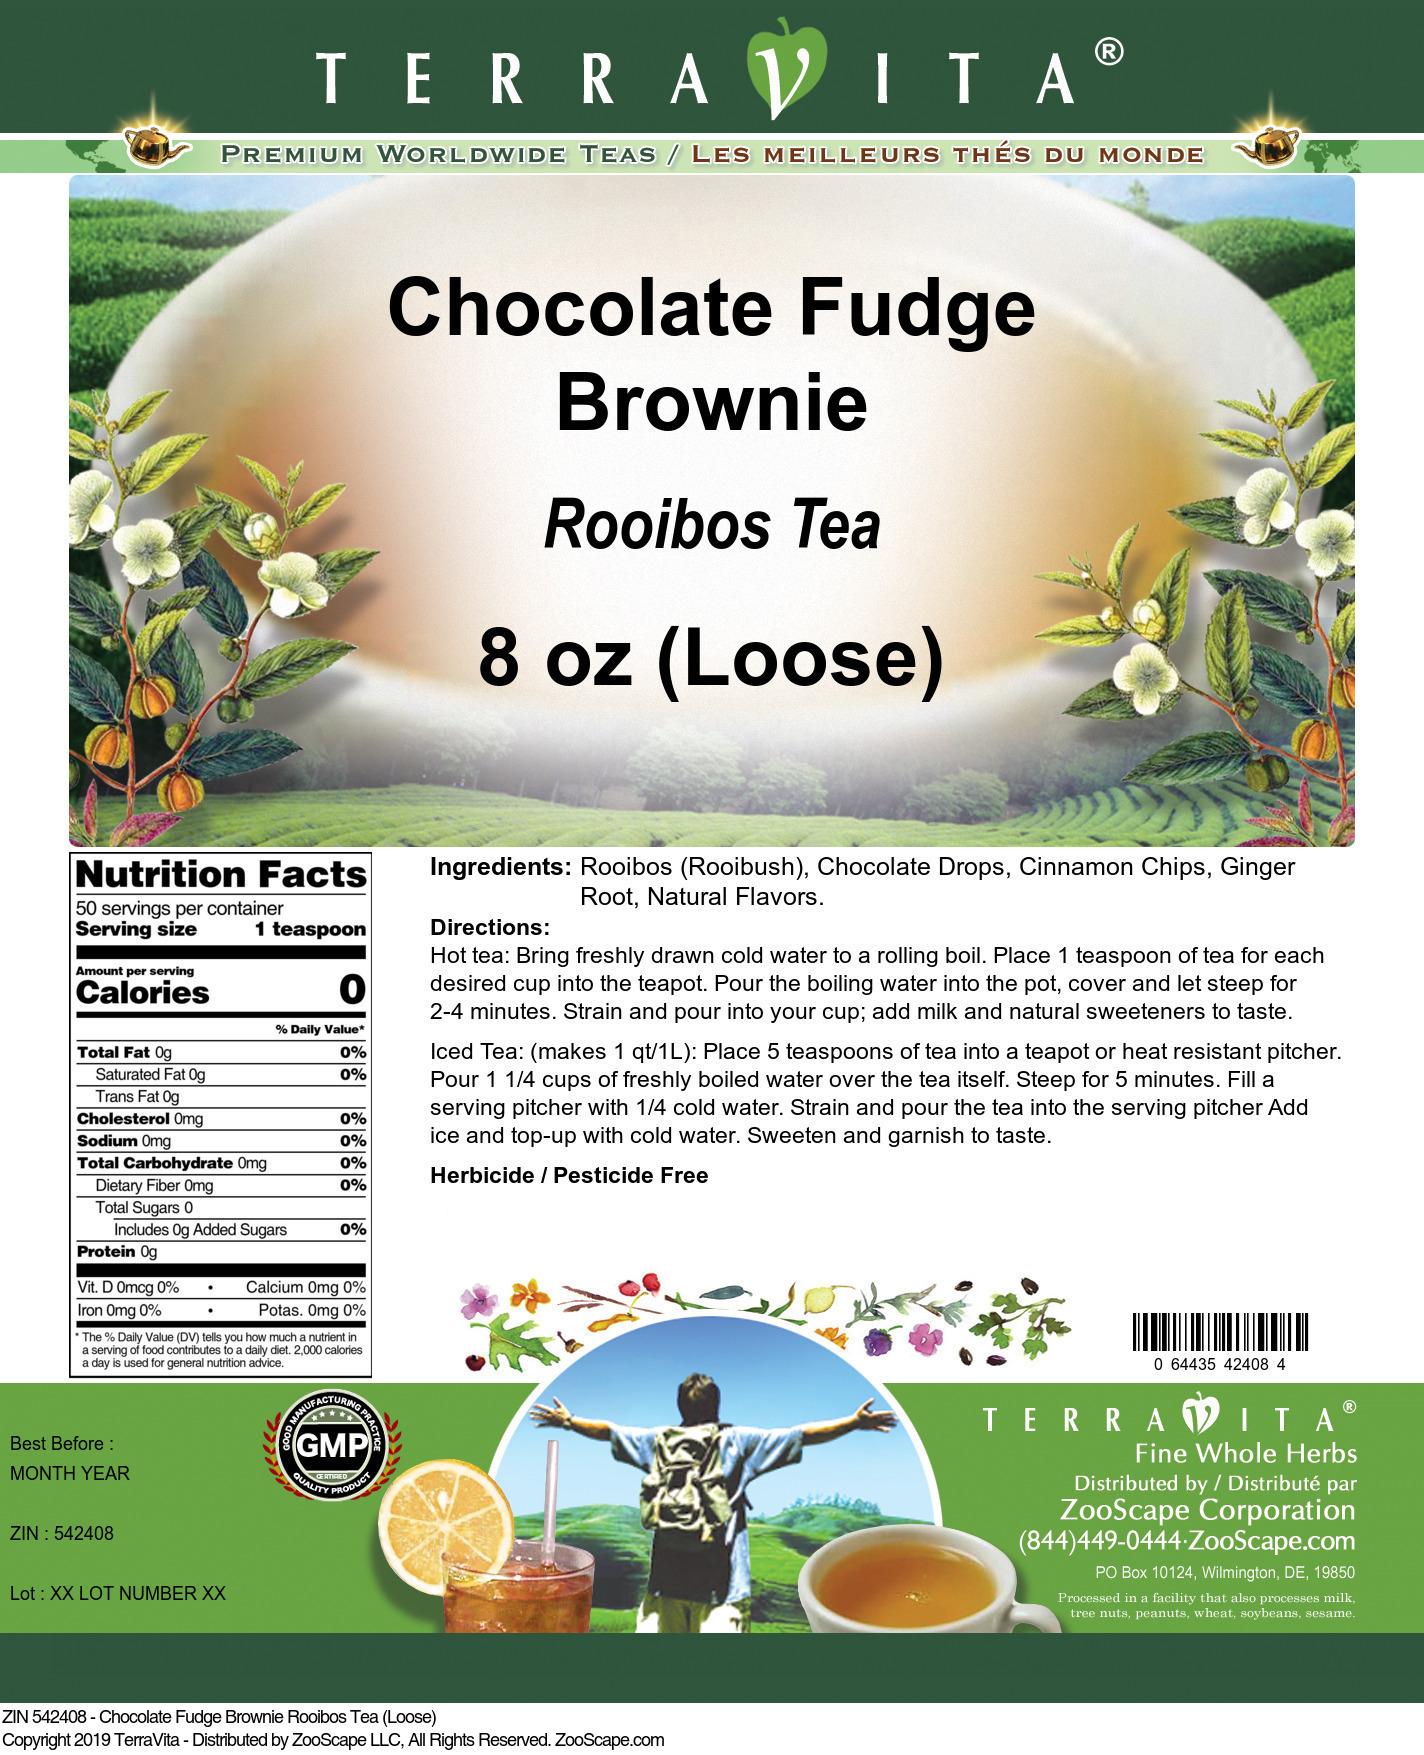 Chocolate Fudge Brownie Rooibos Tea (Loose)